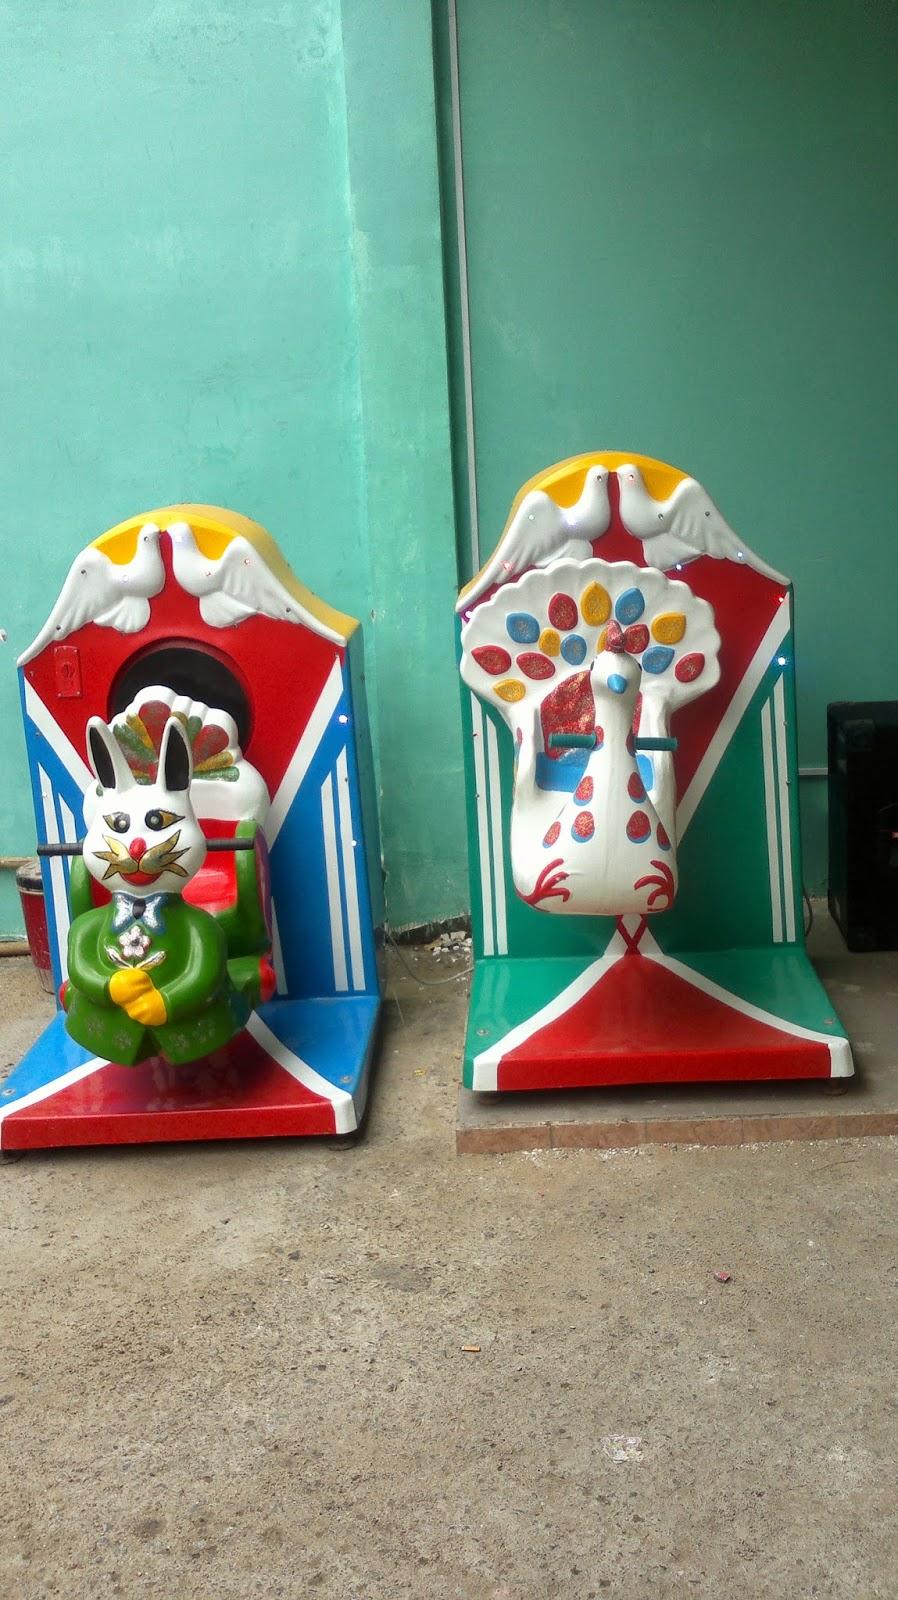 http://thietbilienhoantrongnhavangoaitroi.blogspot.com/